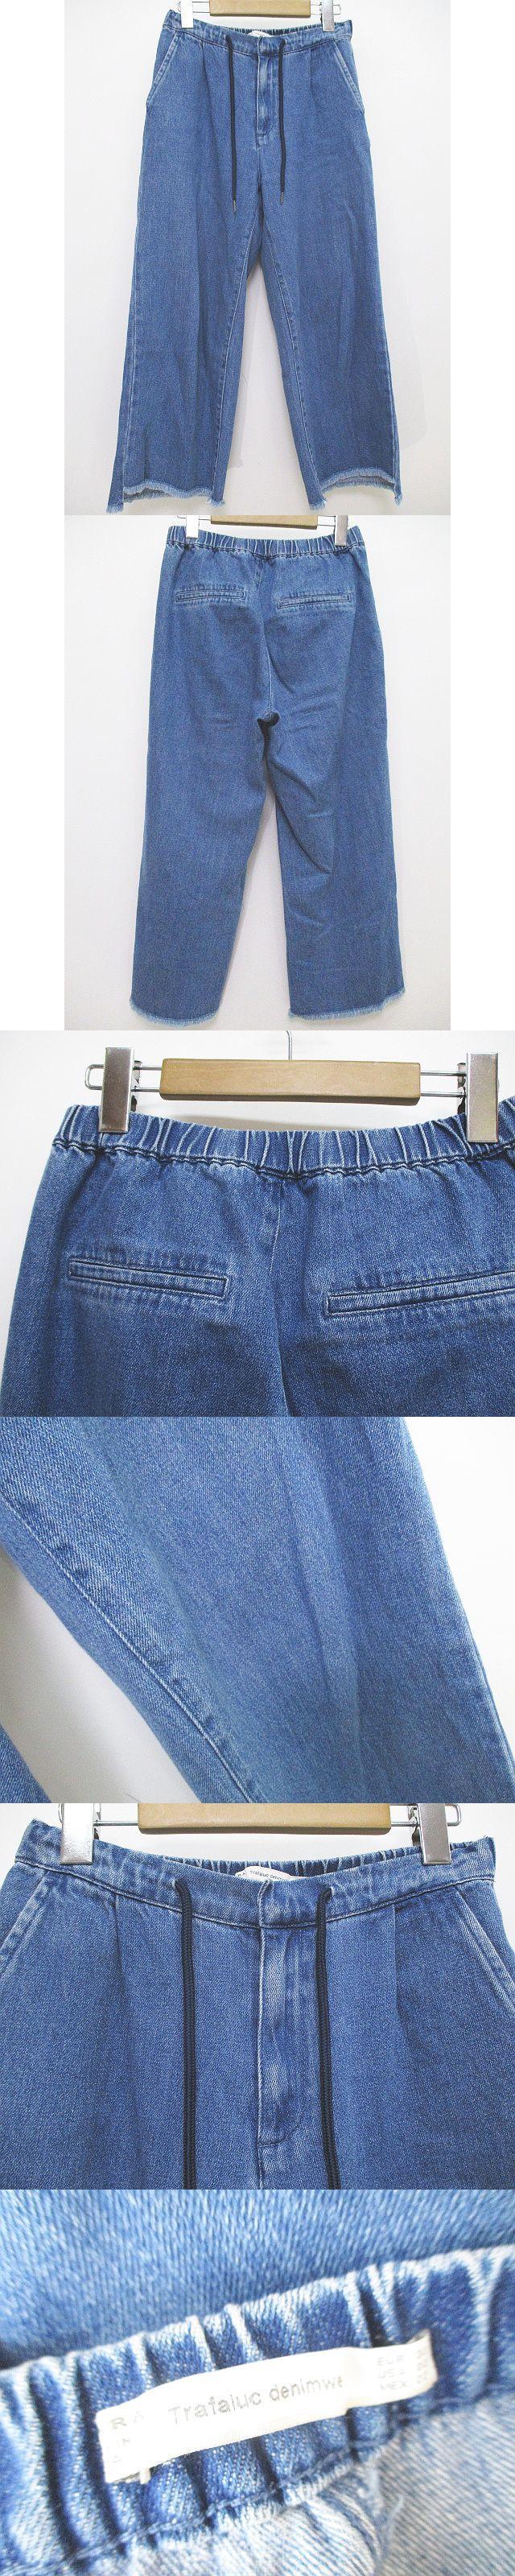 ロング丈 デニム レギンス パンツ 32 青系 ブルー 無地 USED加工 綿 コットン